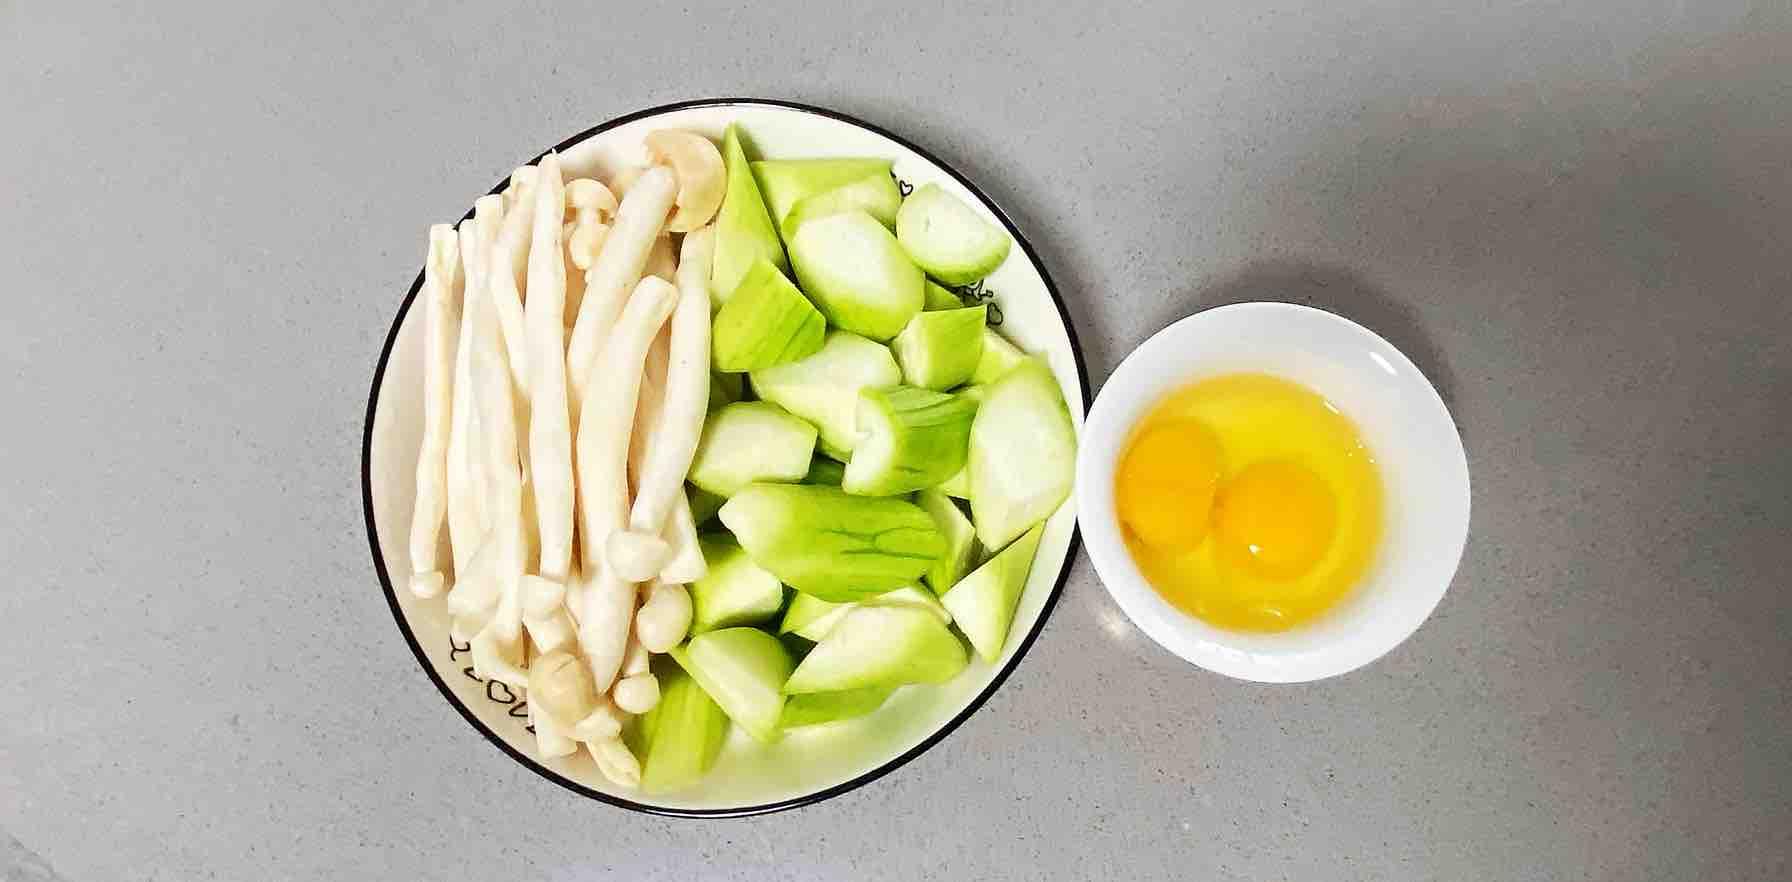 鸡蛋白玉菇焖丝瓜,清淡又鲜香,简单却营养~的做法图解